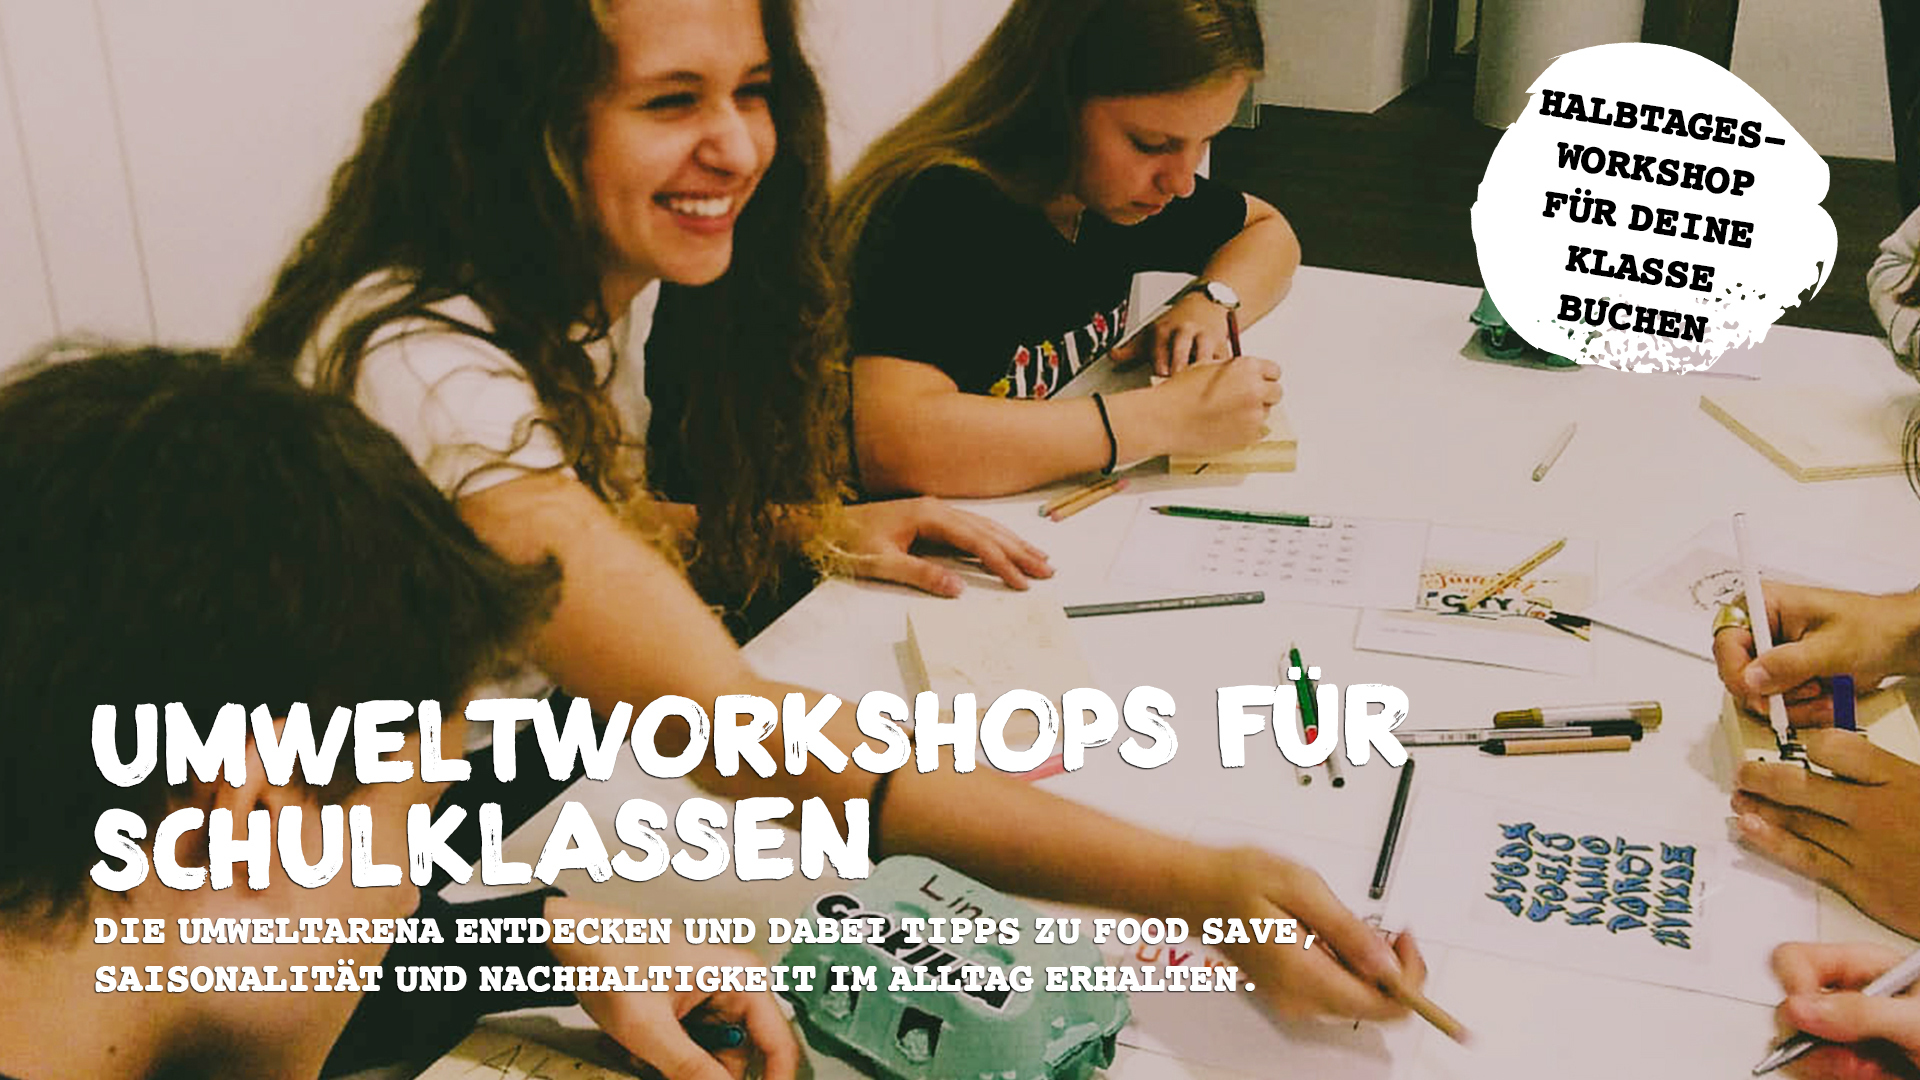 Umweltworkshops für Schulklassen